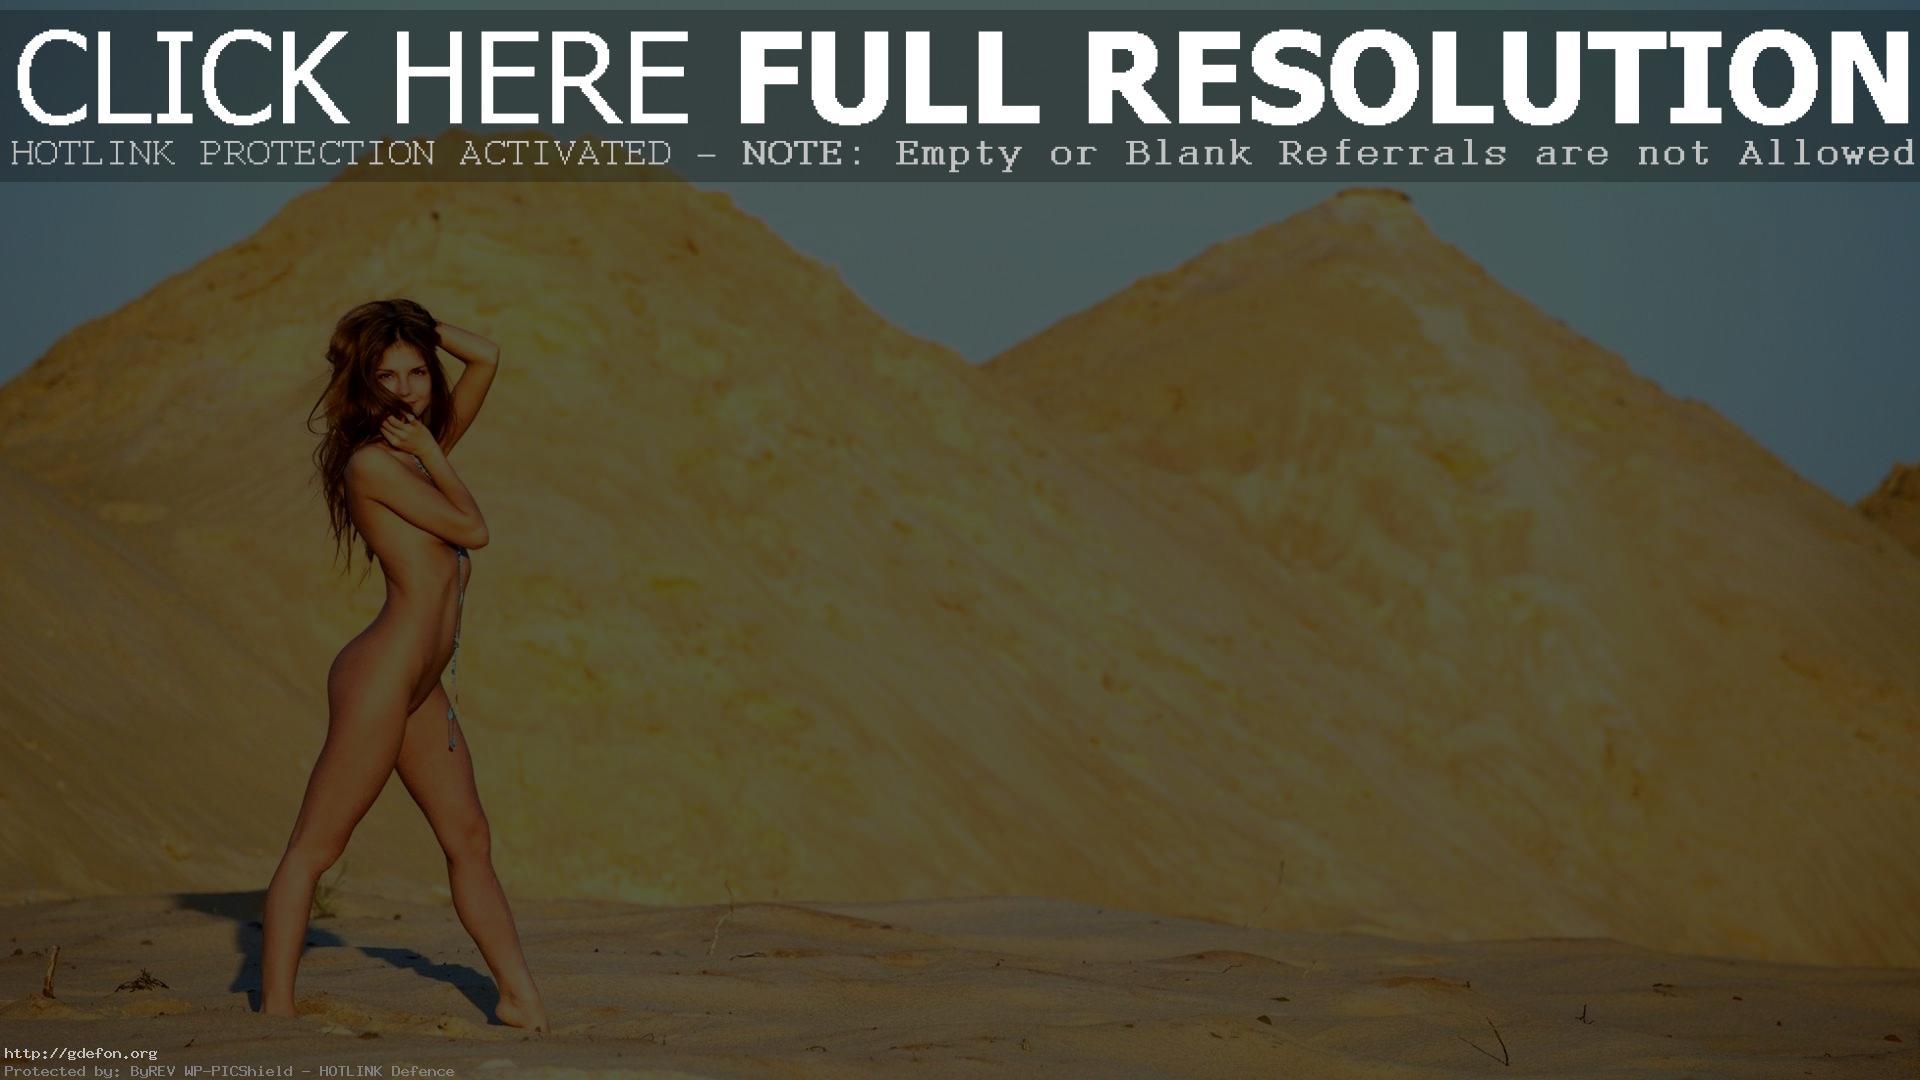 Naked Hiking In The Desert